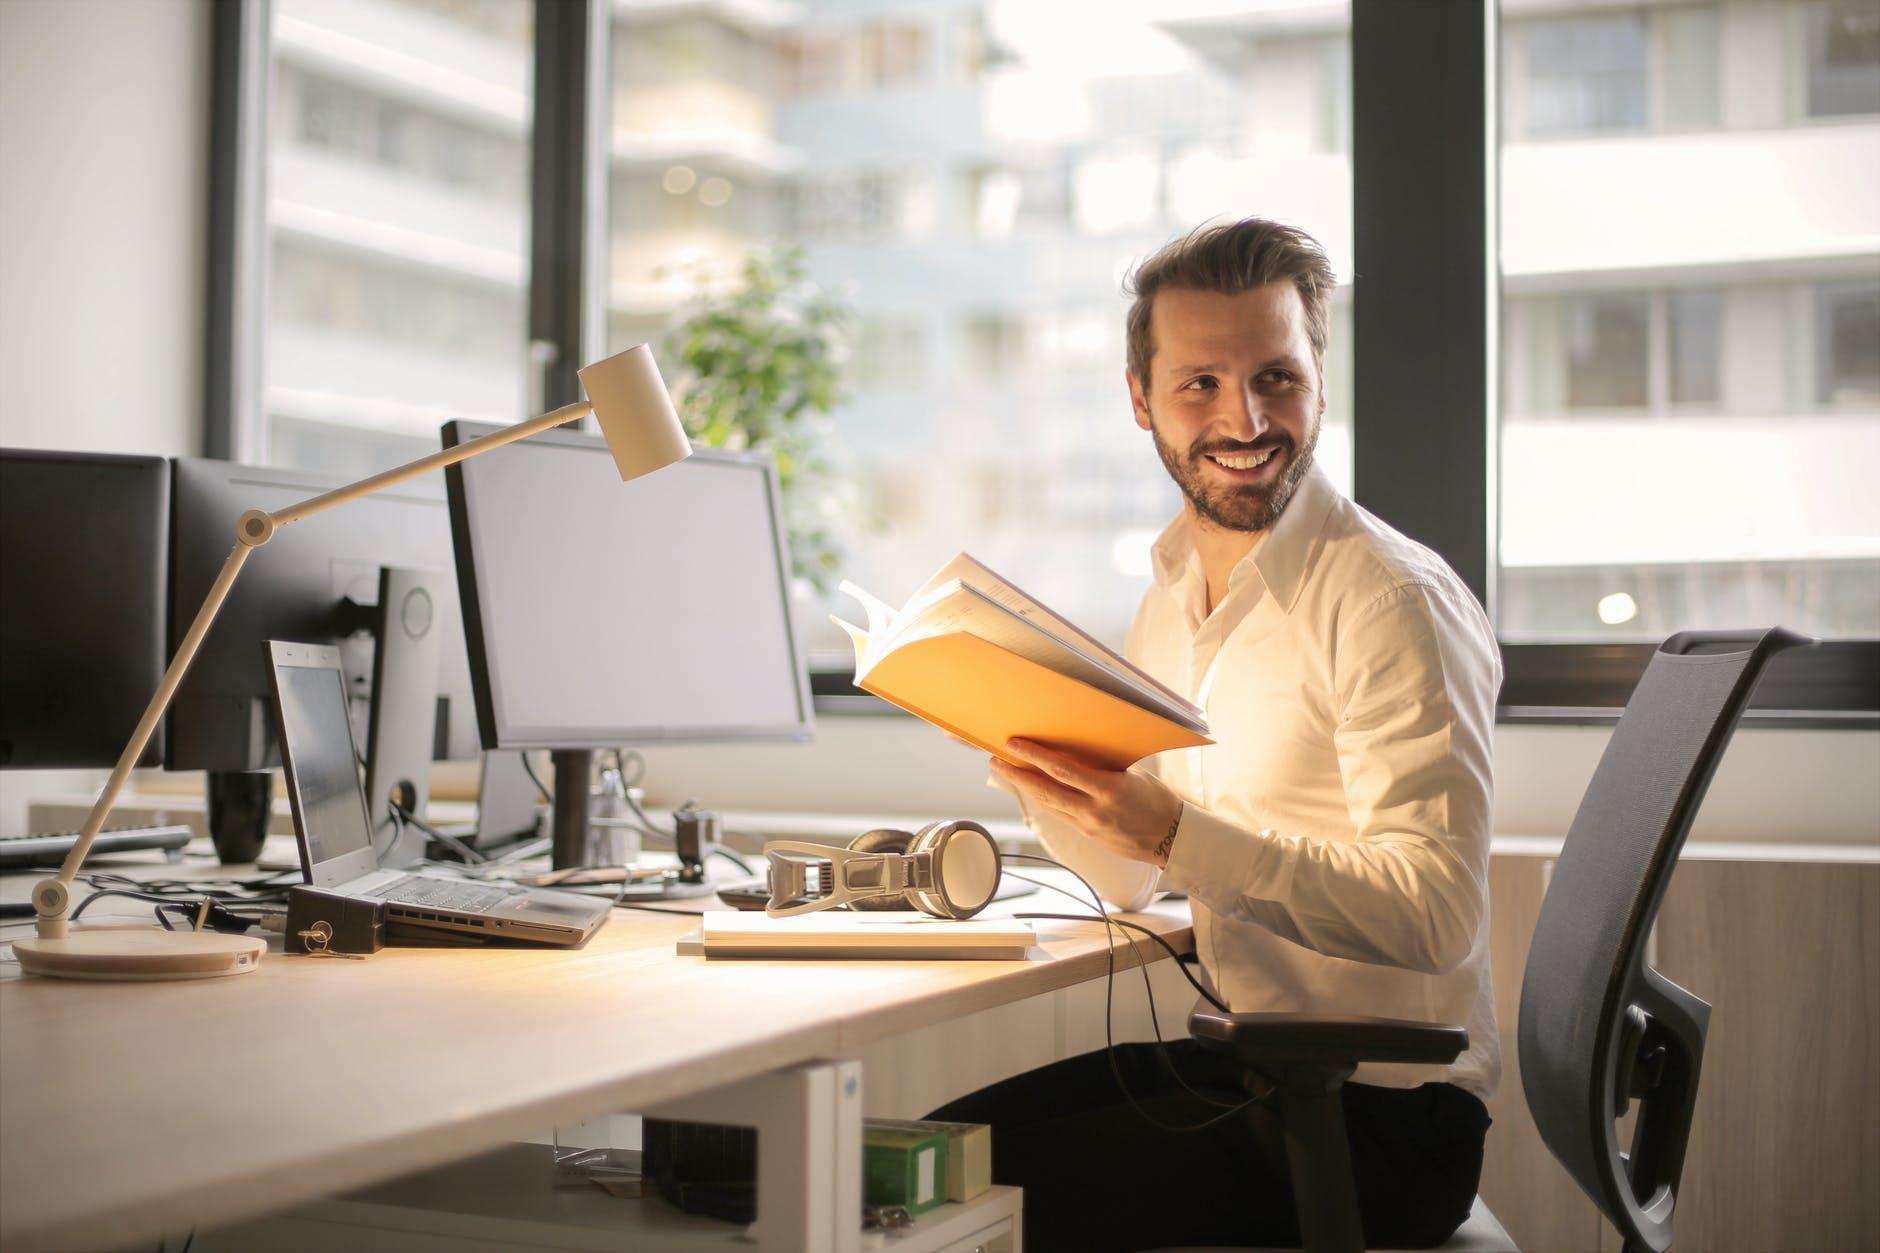 Vrei sa iti dai demisia de la locul de munca? Ce trebuie sa faci inainte de luarea acestei decizii